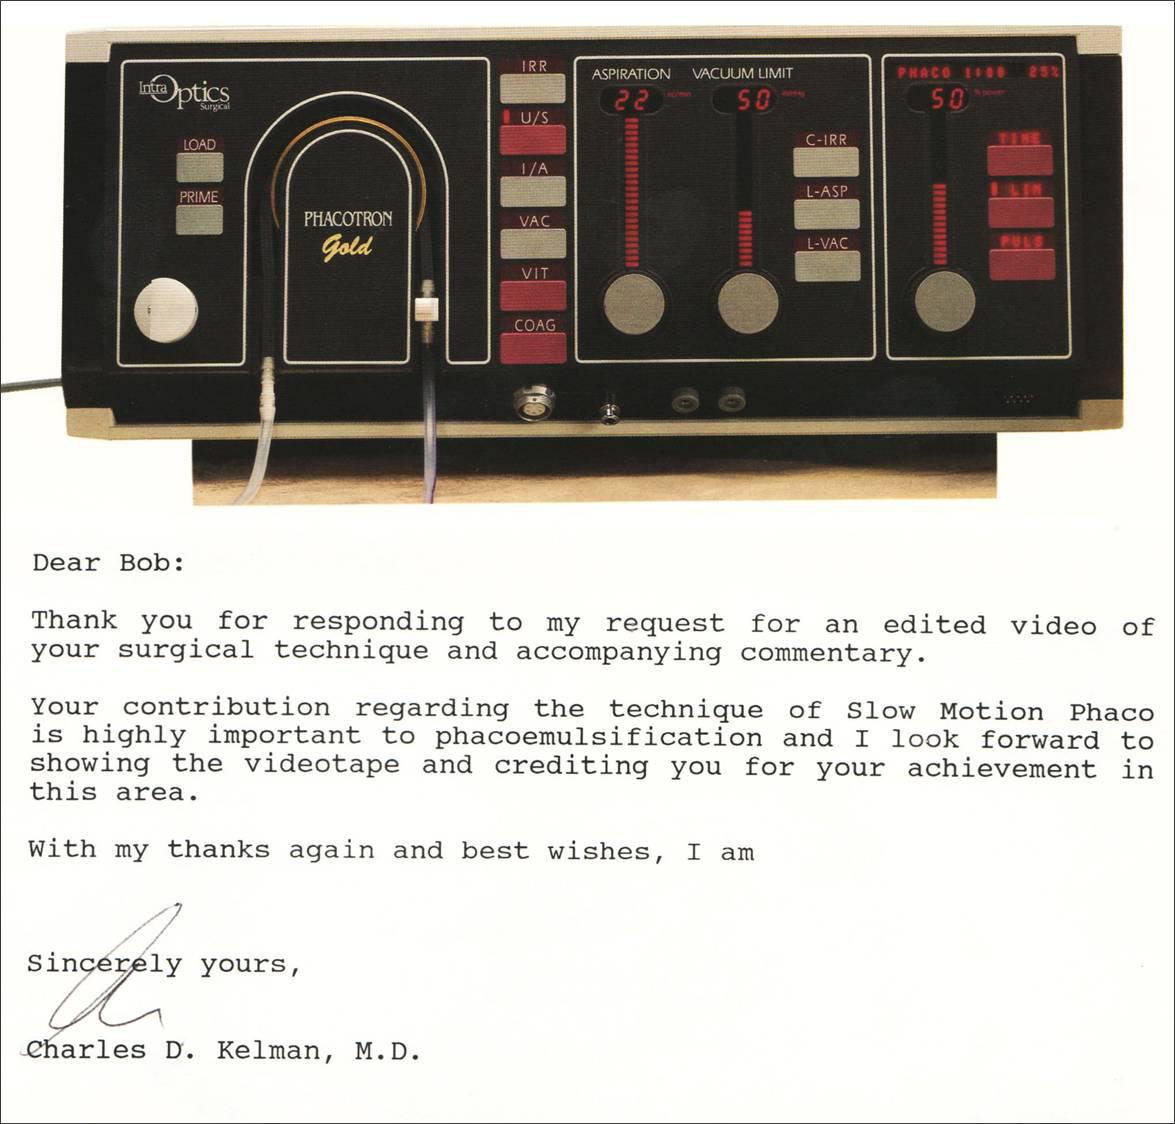 Letter to Bob Osher